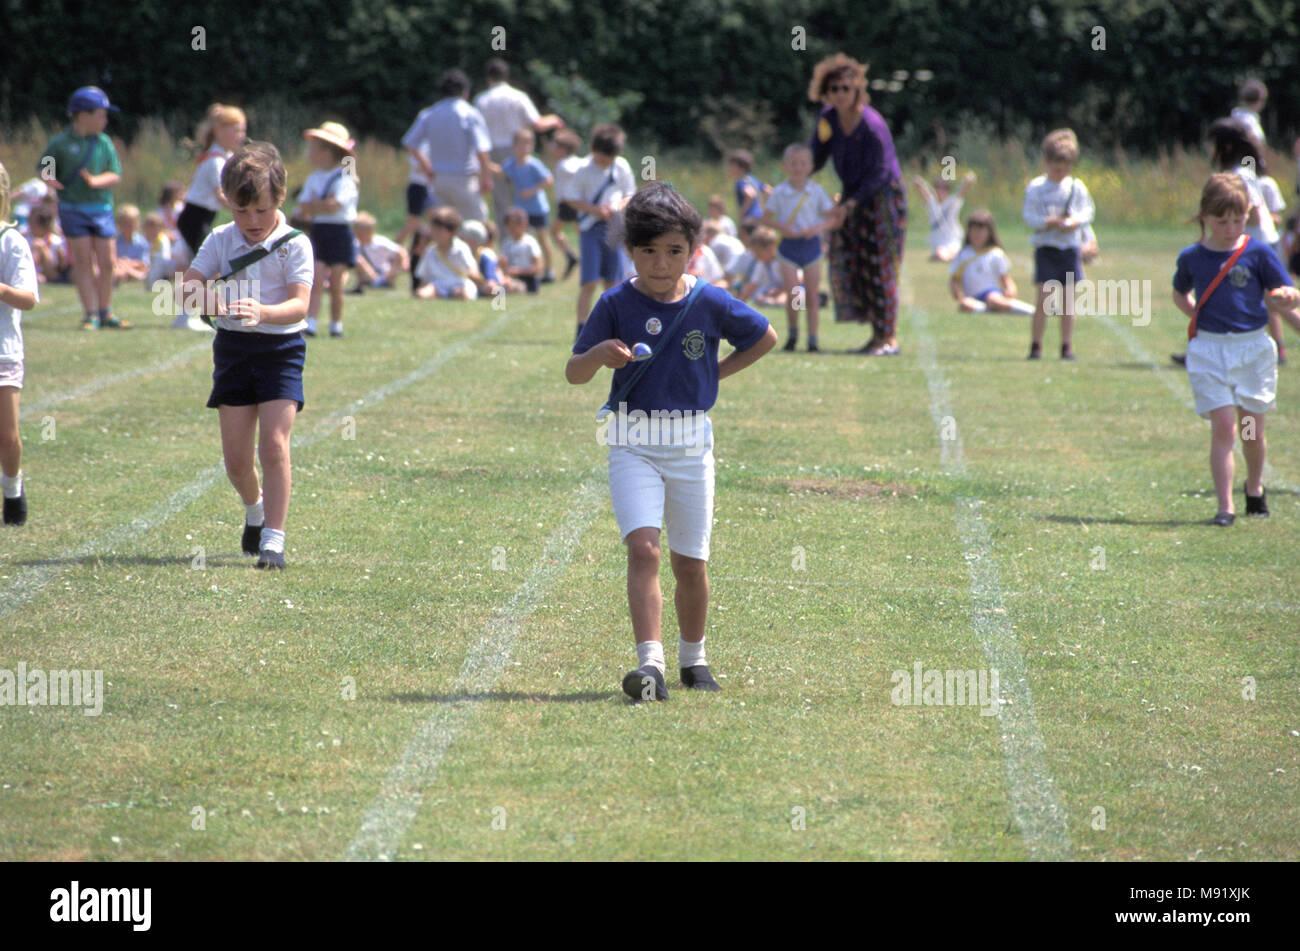 La scuola primaria chldren competere in uovo e cucchiaio gara durante la giornata dello sport, England, Regno Unito Immagini Stock